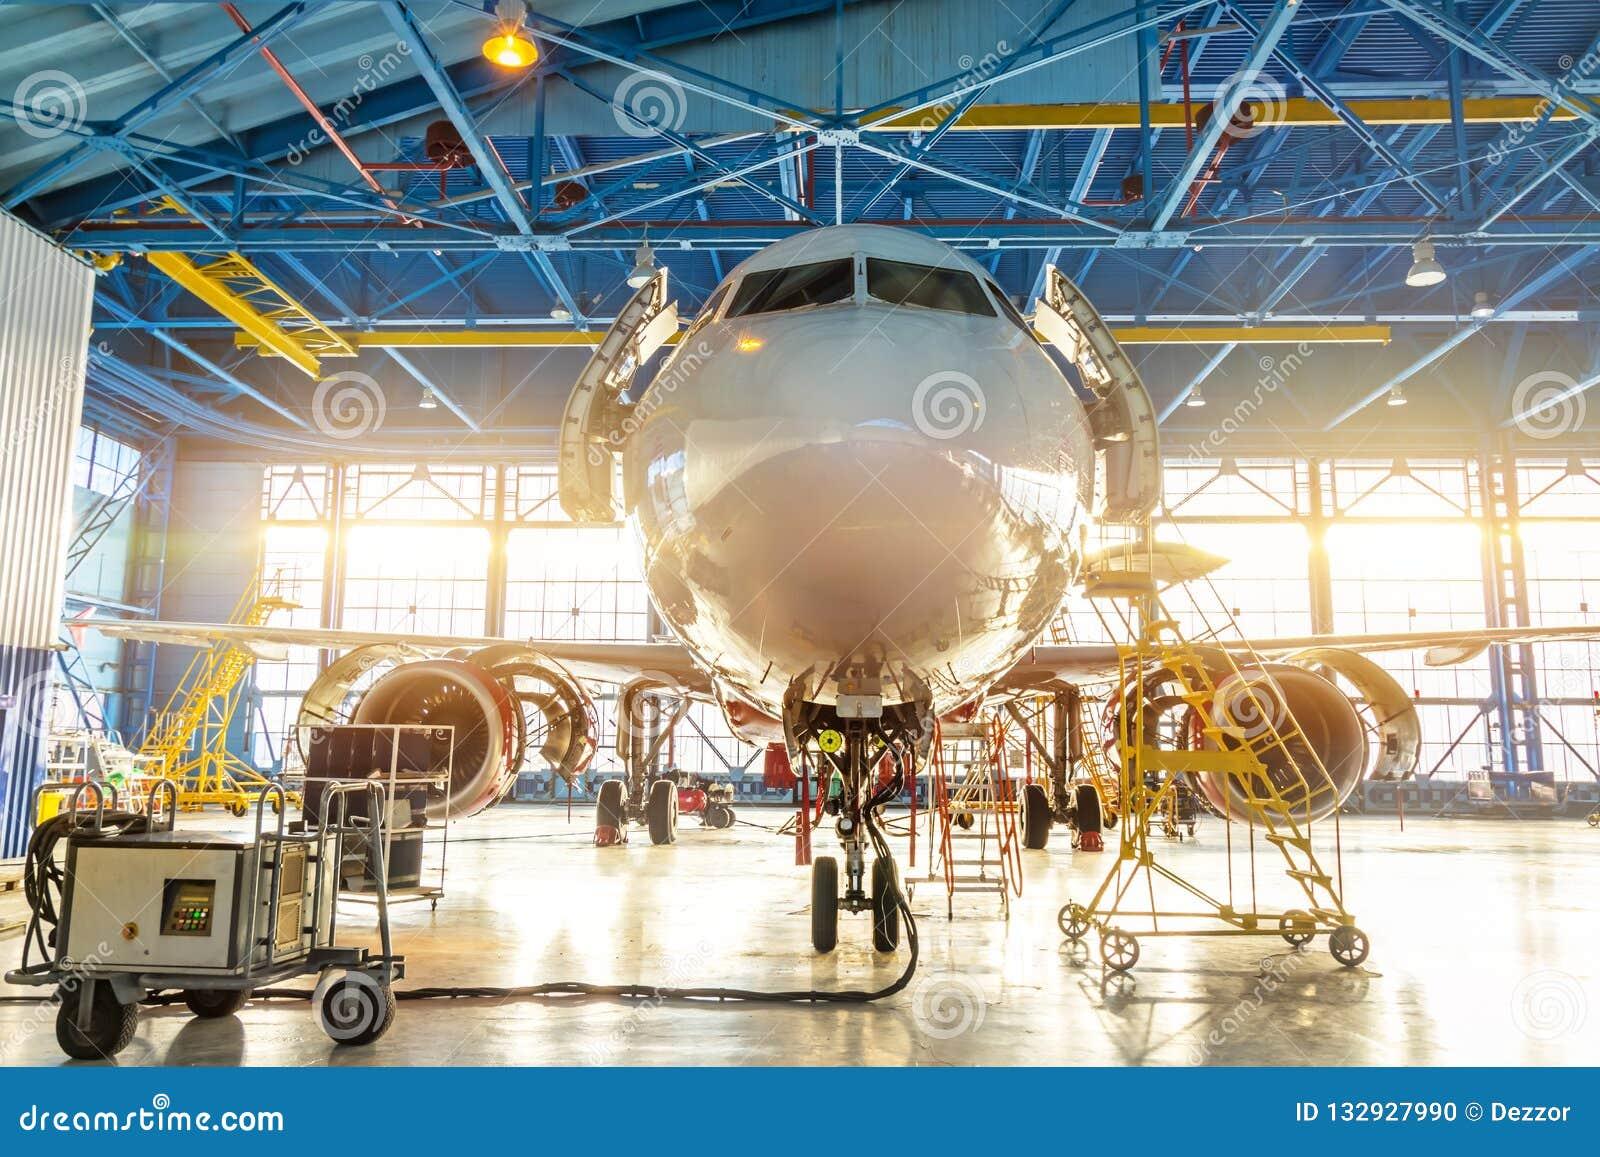 Flugzeuge im industriellen Hangar der Luftfahrt auf Wartung, außerhalb des hellen Lichtes des Tors